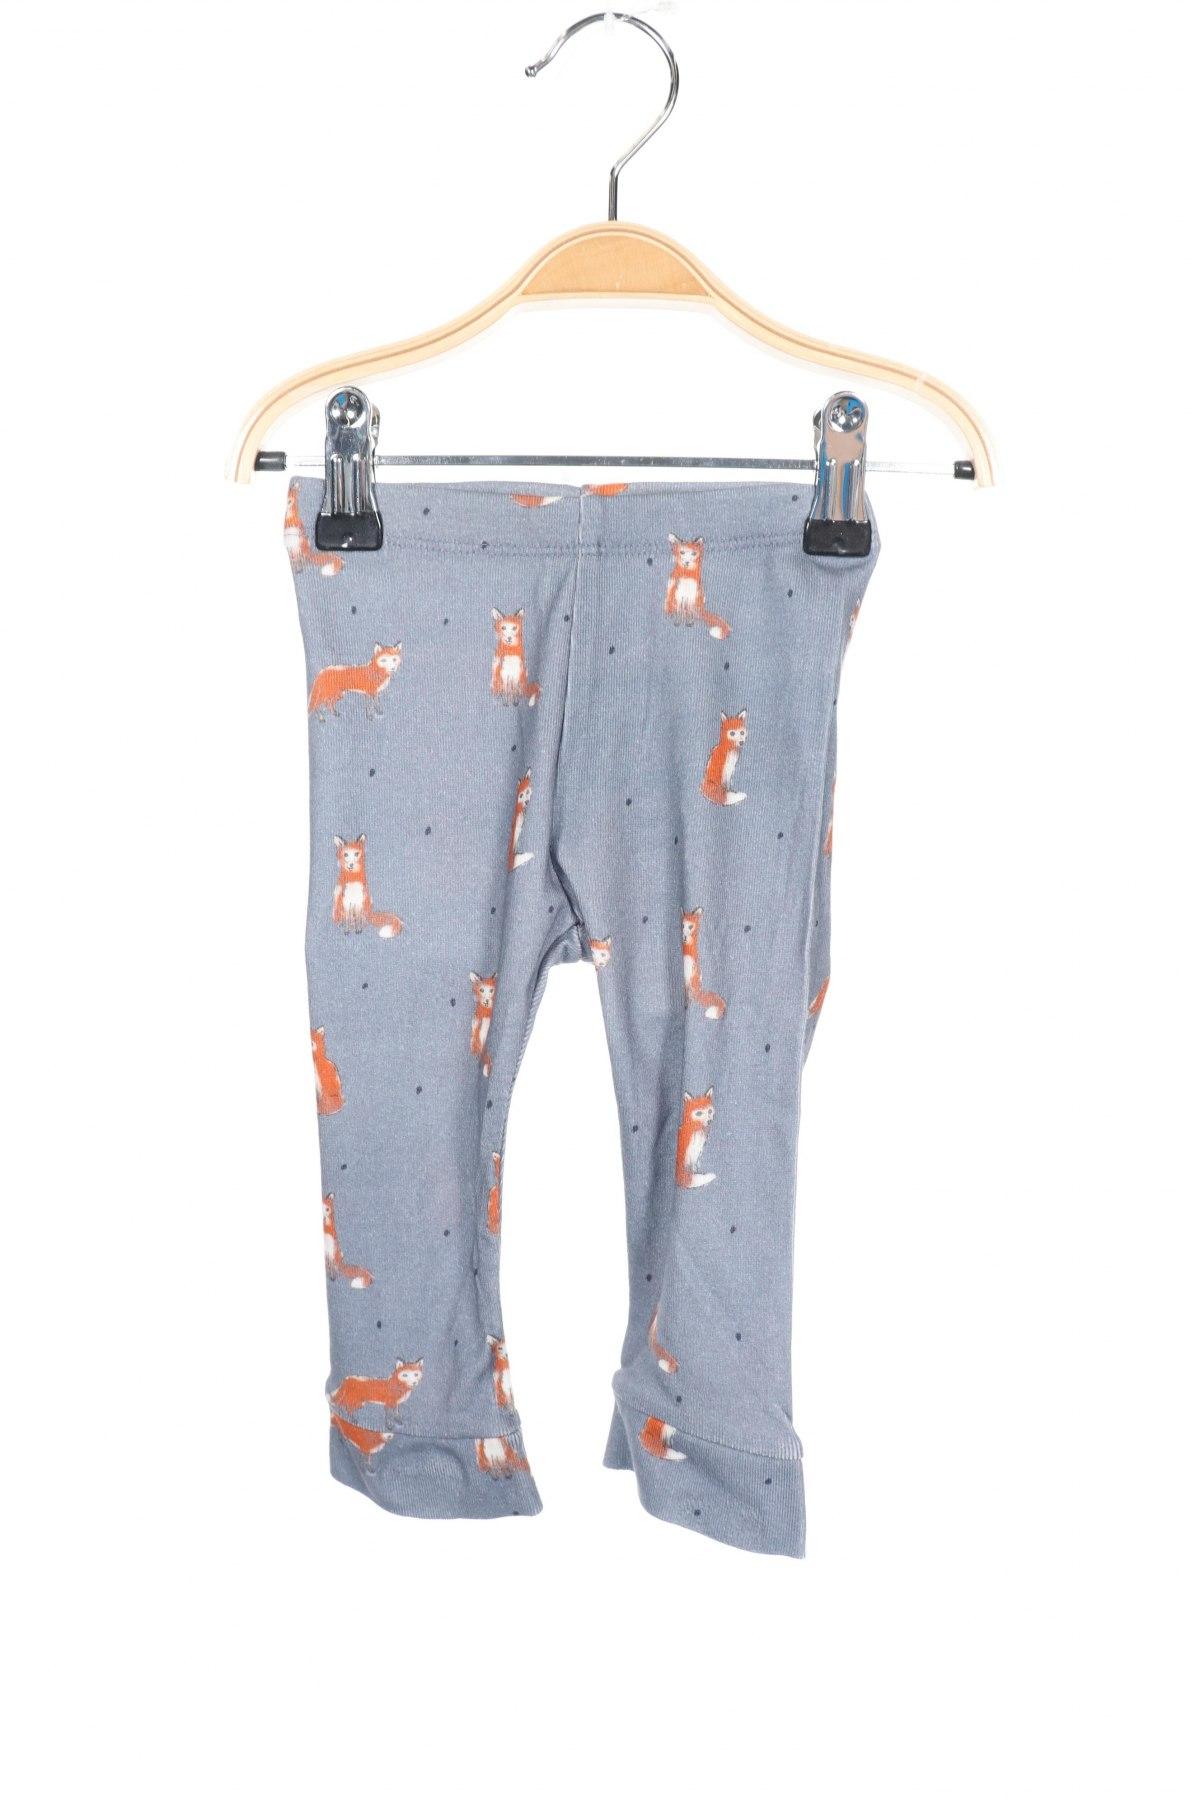 Παιδικό παντελόνι Name It, Μέγεθος 3-6m/ 62-68 εκ., Χρώμα Μπλέ, 50% βαμβάκι, 50% μοντάλ, Τιμή 5,03€